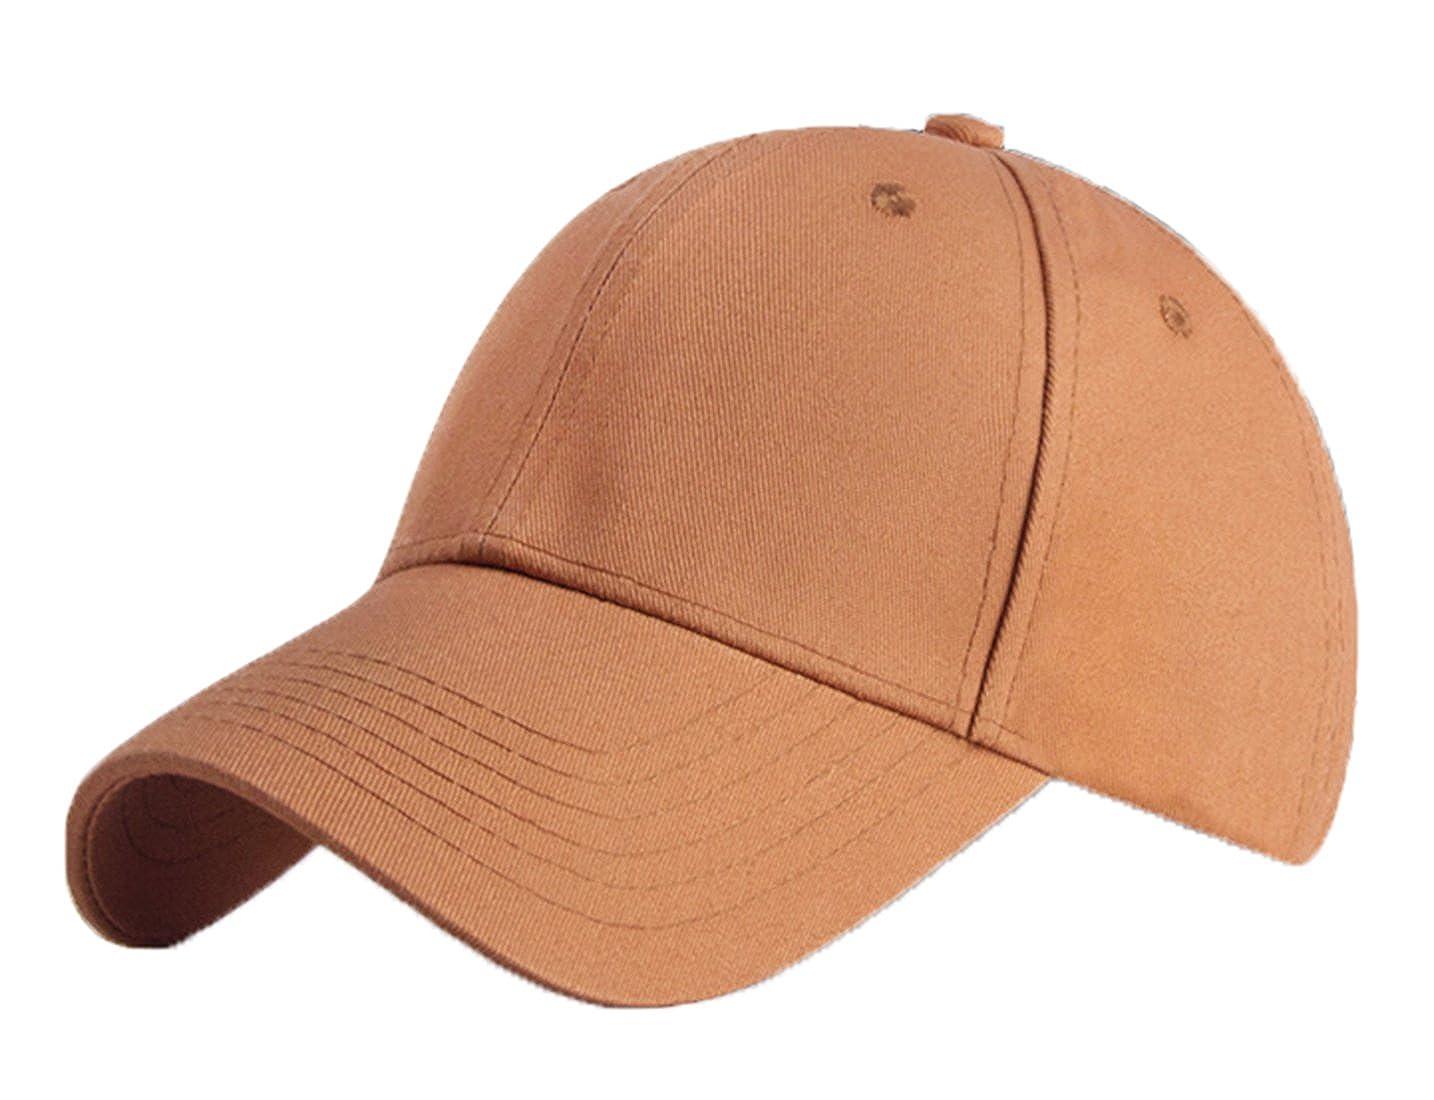 KeepSa Baumwolle Baseball Cap, Basecap Unisex Baseball Kappen, Baseball  Mützen für Draussen, Sport oder auf Reisen - Reine Farbe Baseboard  Baseballkappe ... b2e711072b